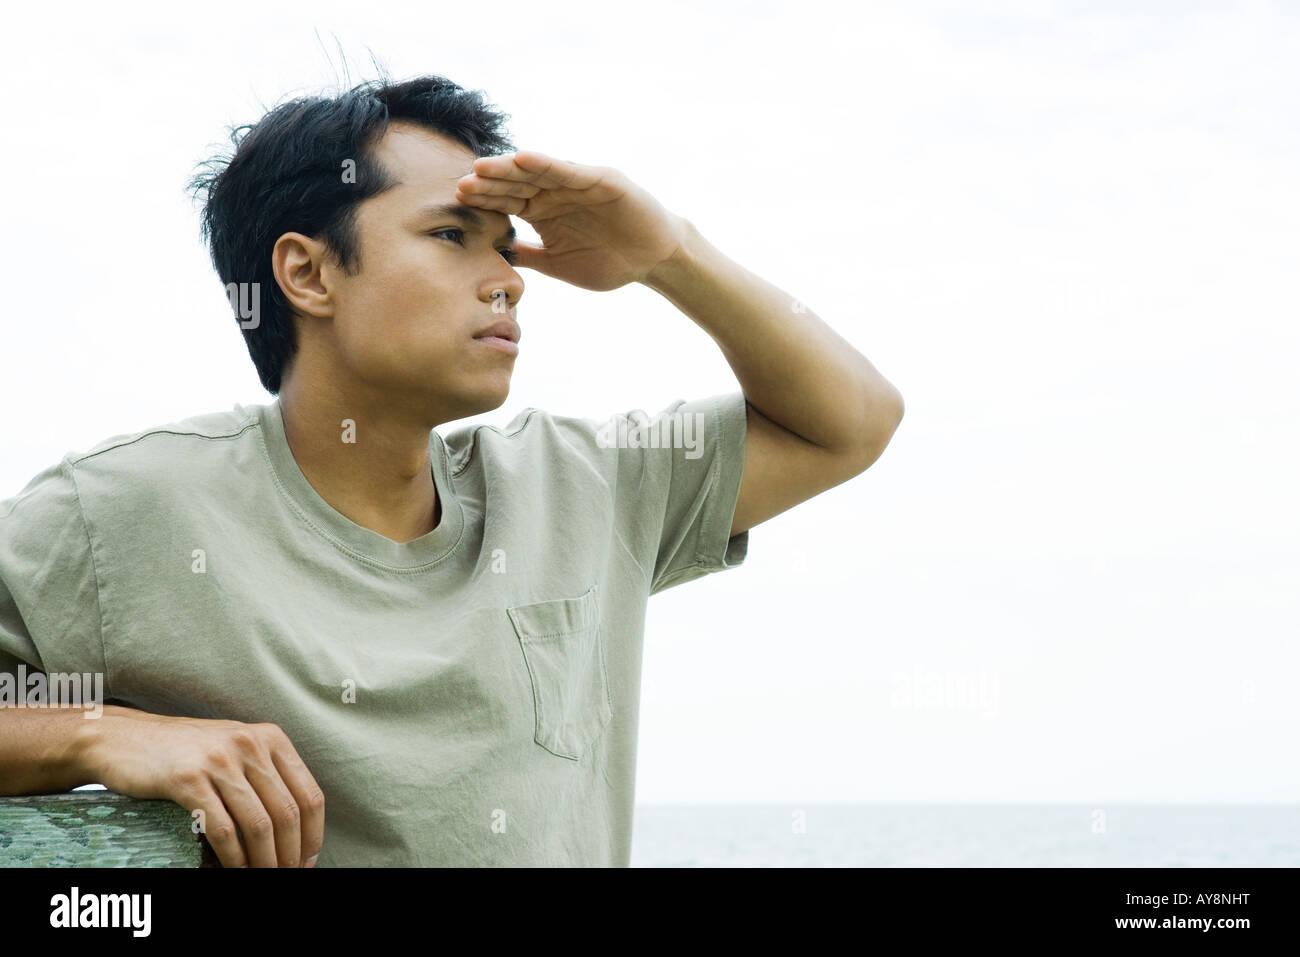 Man at the beach shading eyes, looking away, close-up - Stock Image